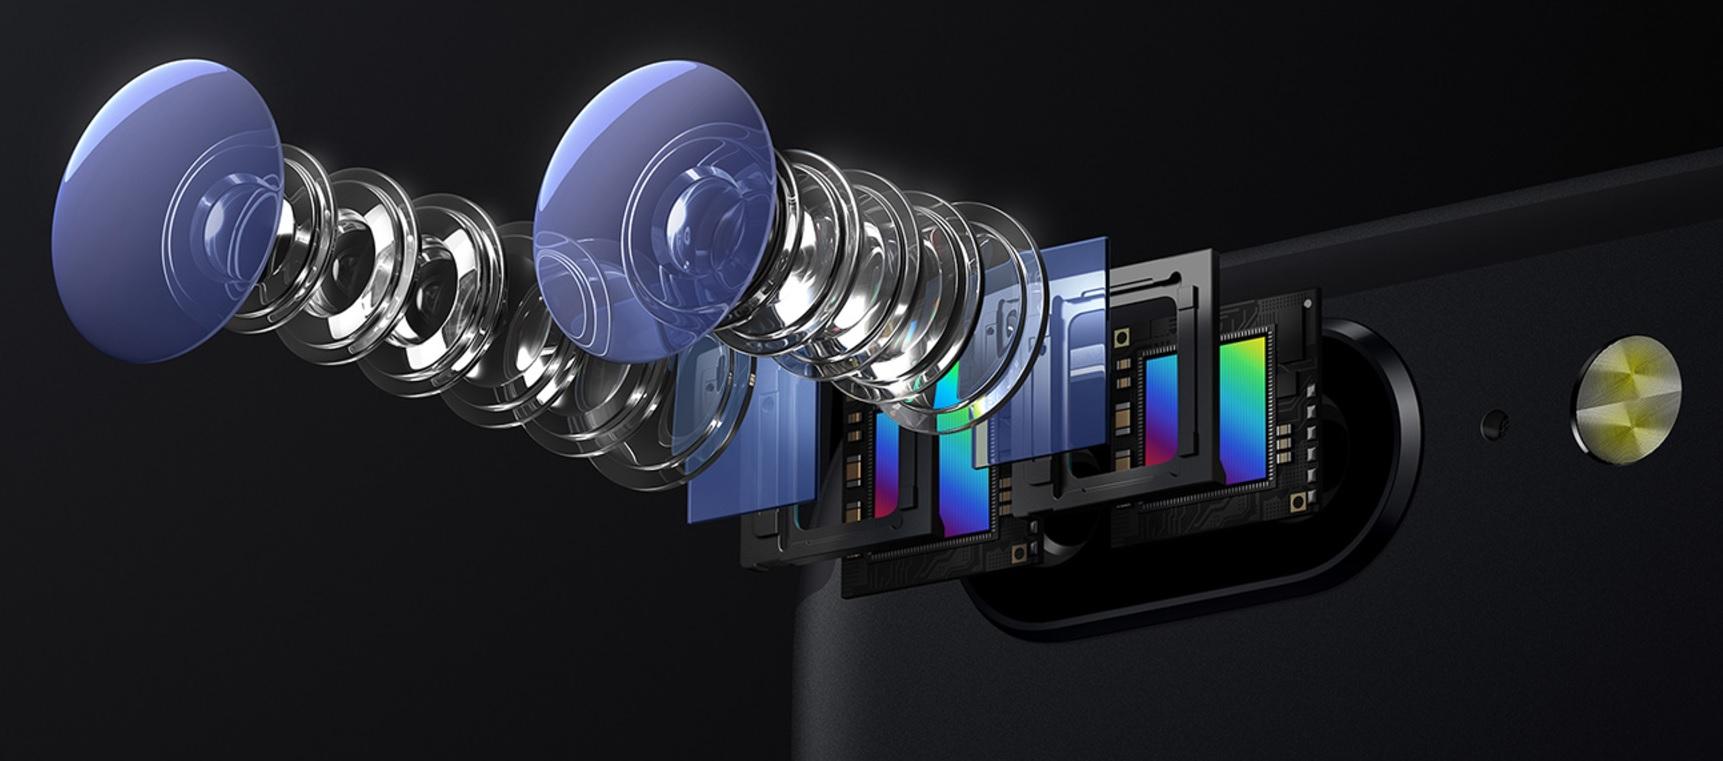 OnePlus 5 gjør det veldig dårlig når det er mørkt. Linsene slipper ikke inn nok lys. Dagbildene er bare OK.